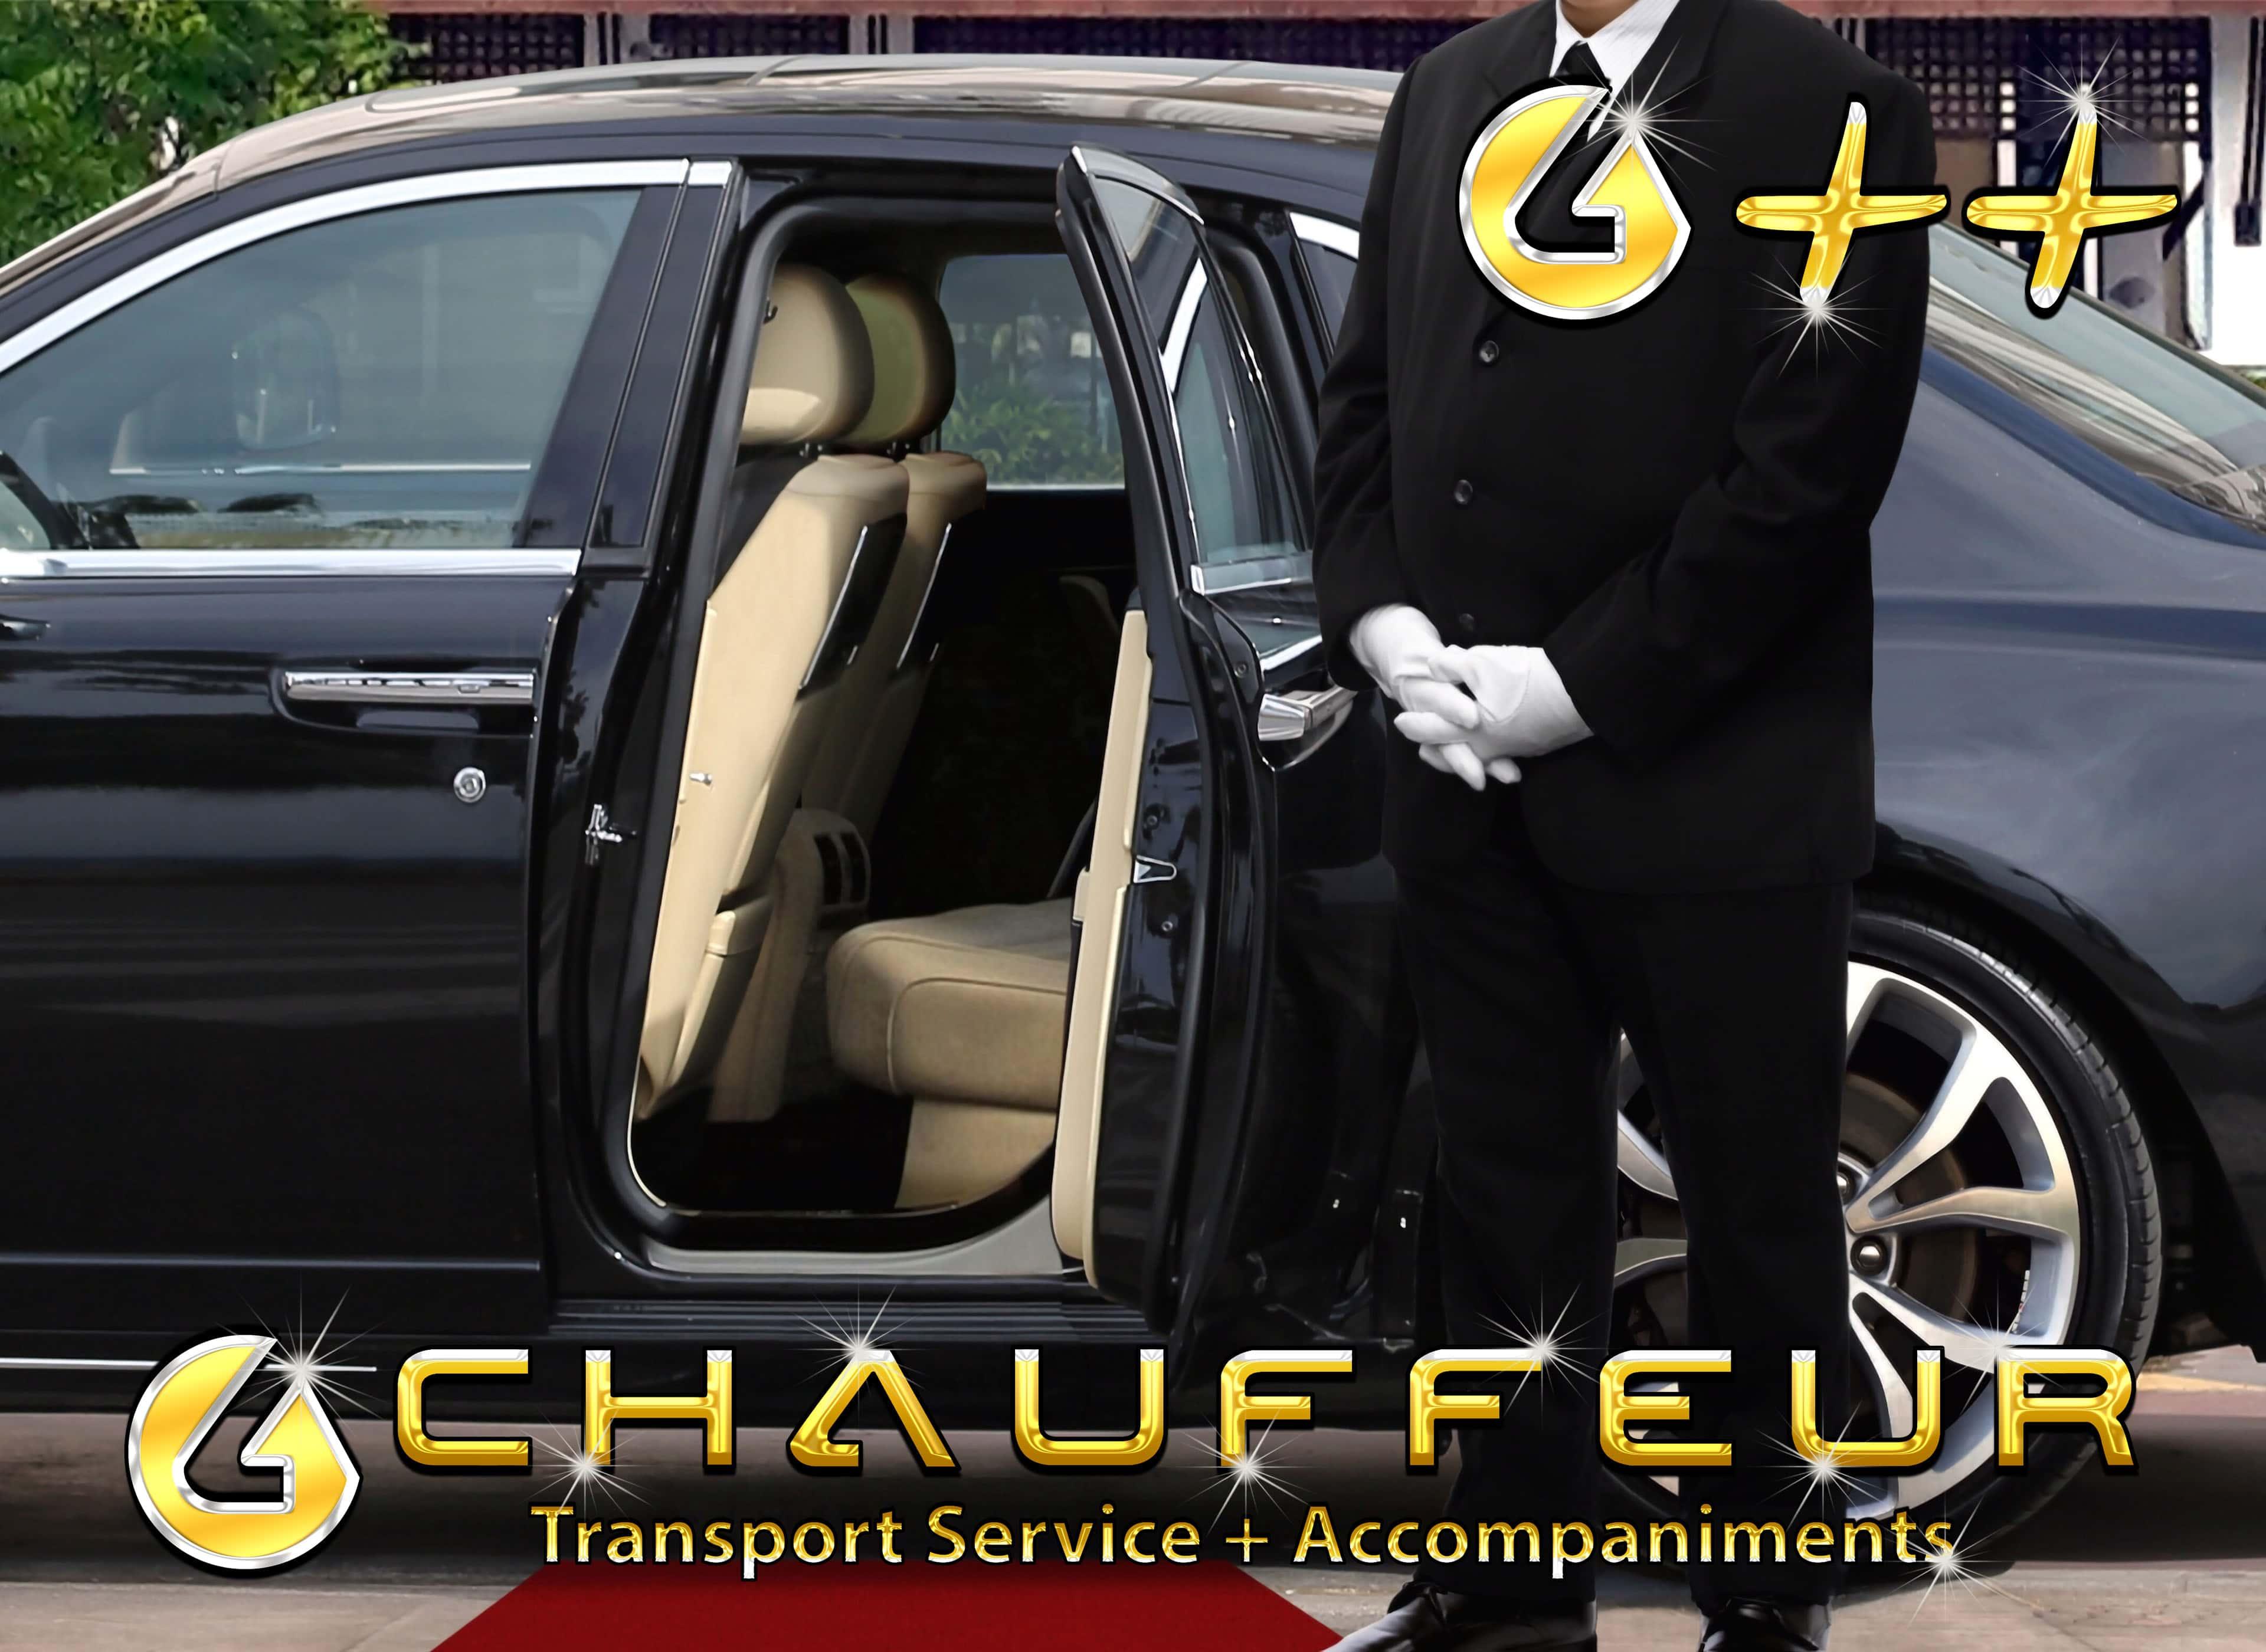 Absolu-Chauffeur-Absolu++-Transport-Service-And-Accompaniments-EN-4K